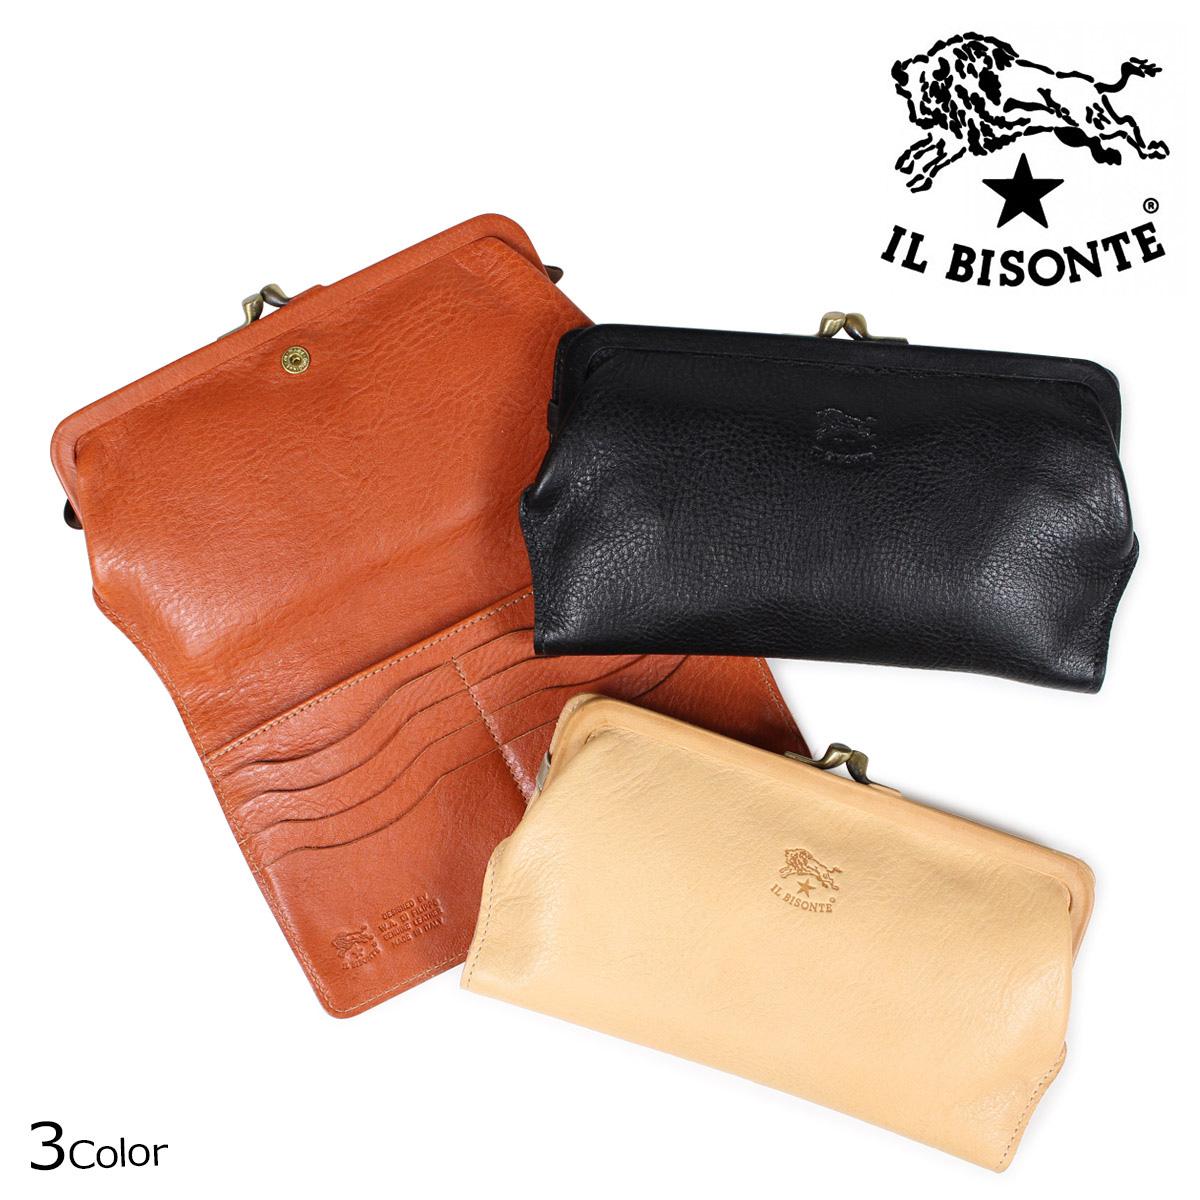 IL BISONTE イルビゾンテ 財布 長財布 レディース がま口 STANDARD ブラック ベージュ ブラウン C0671 P